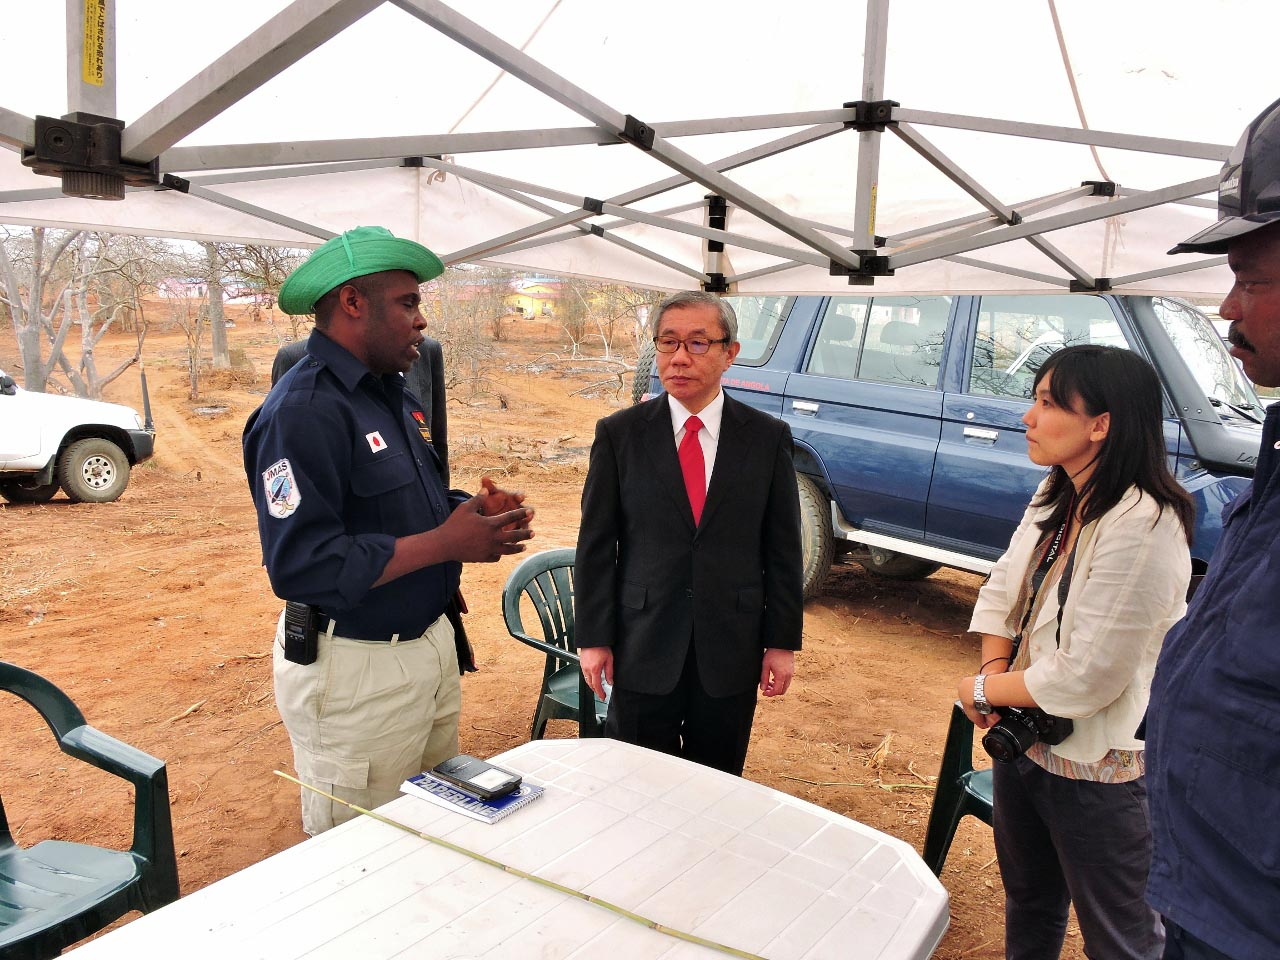 地雷処理地において説明を受け伊藤大使及び大使館職員